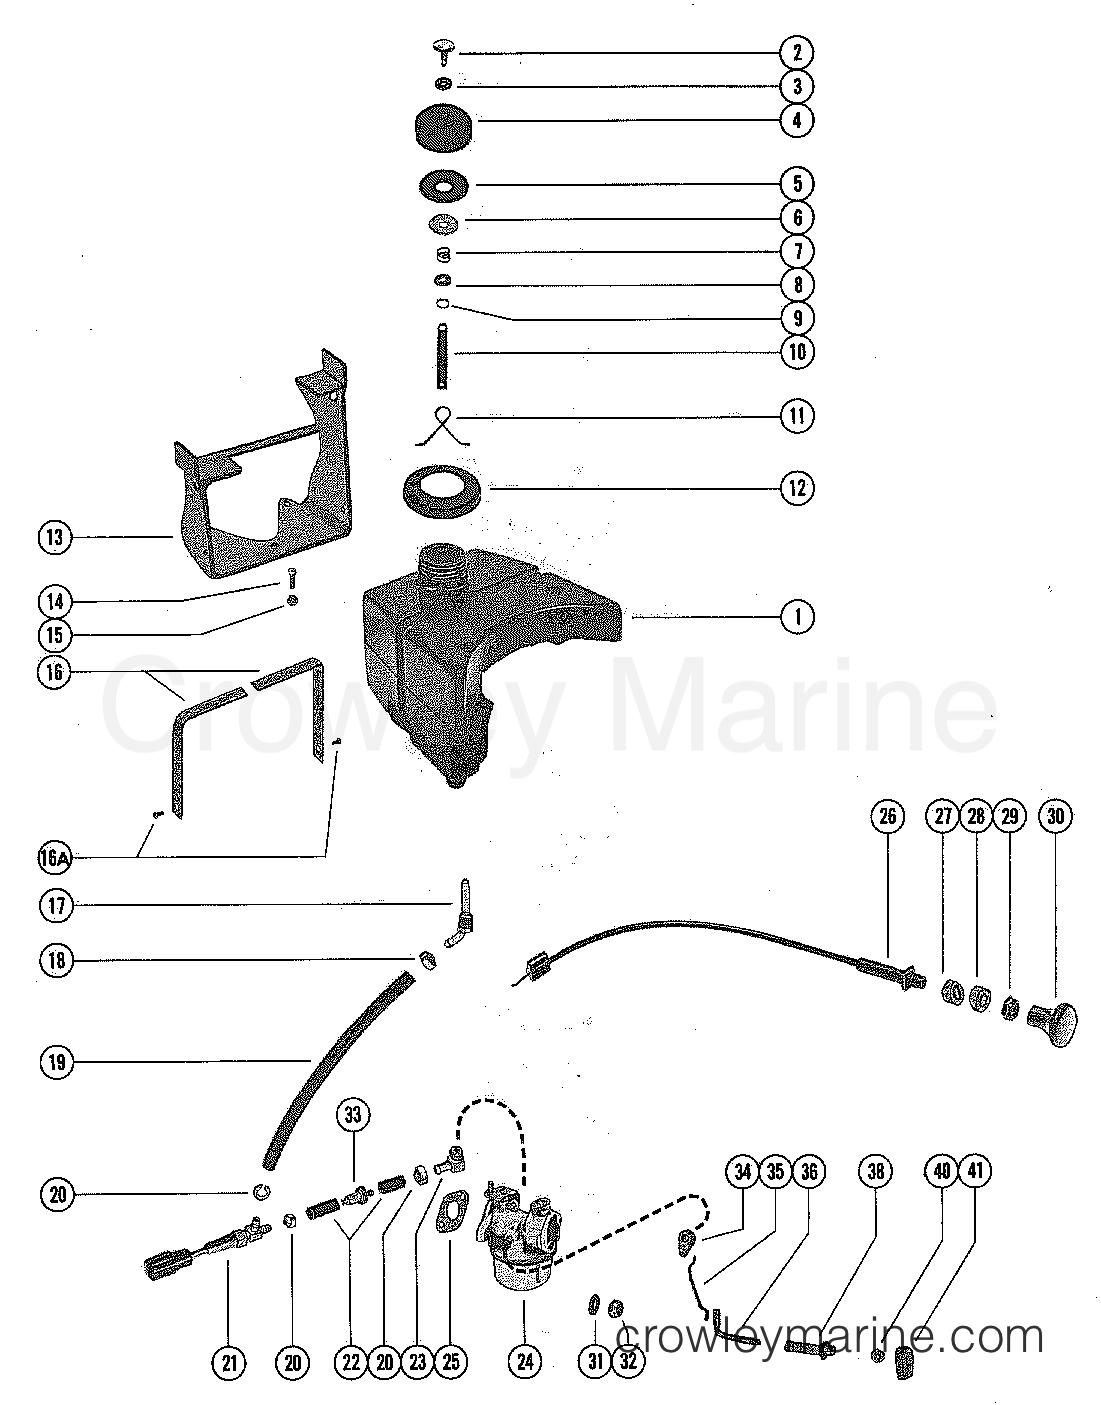 Fuel Tank Fuel Lines And Carburetor